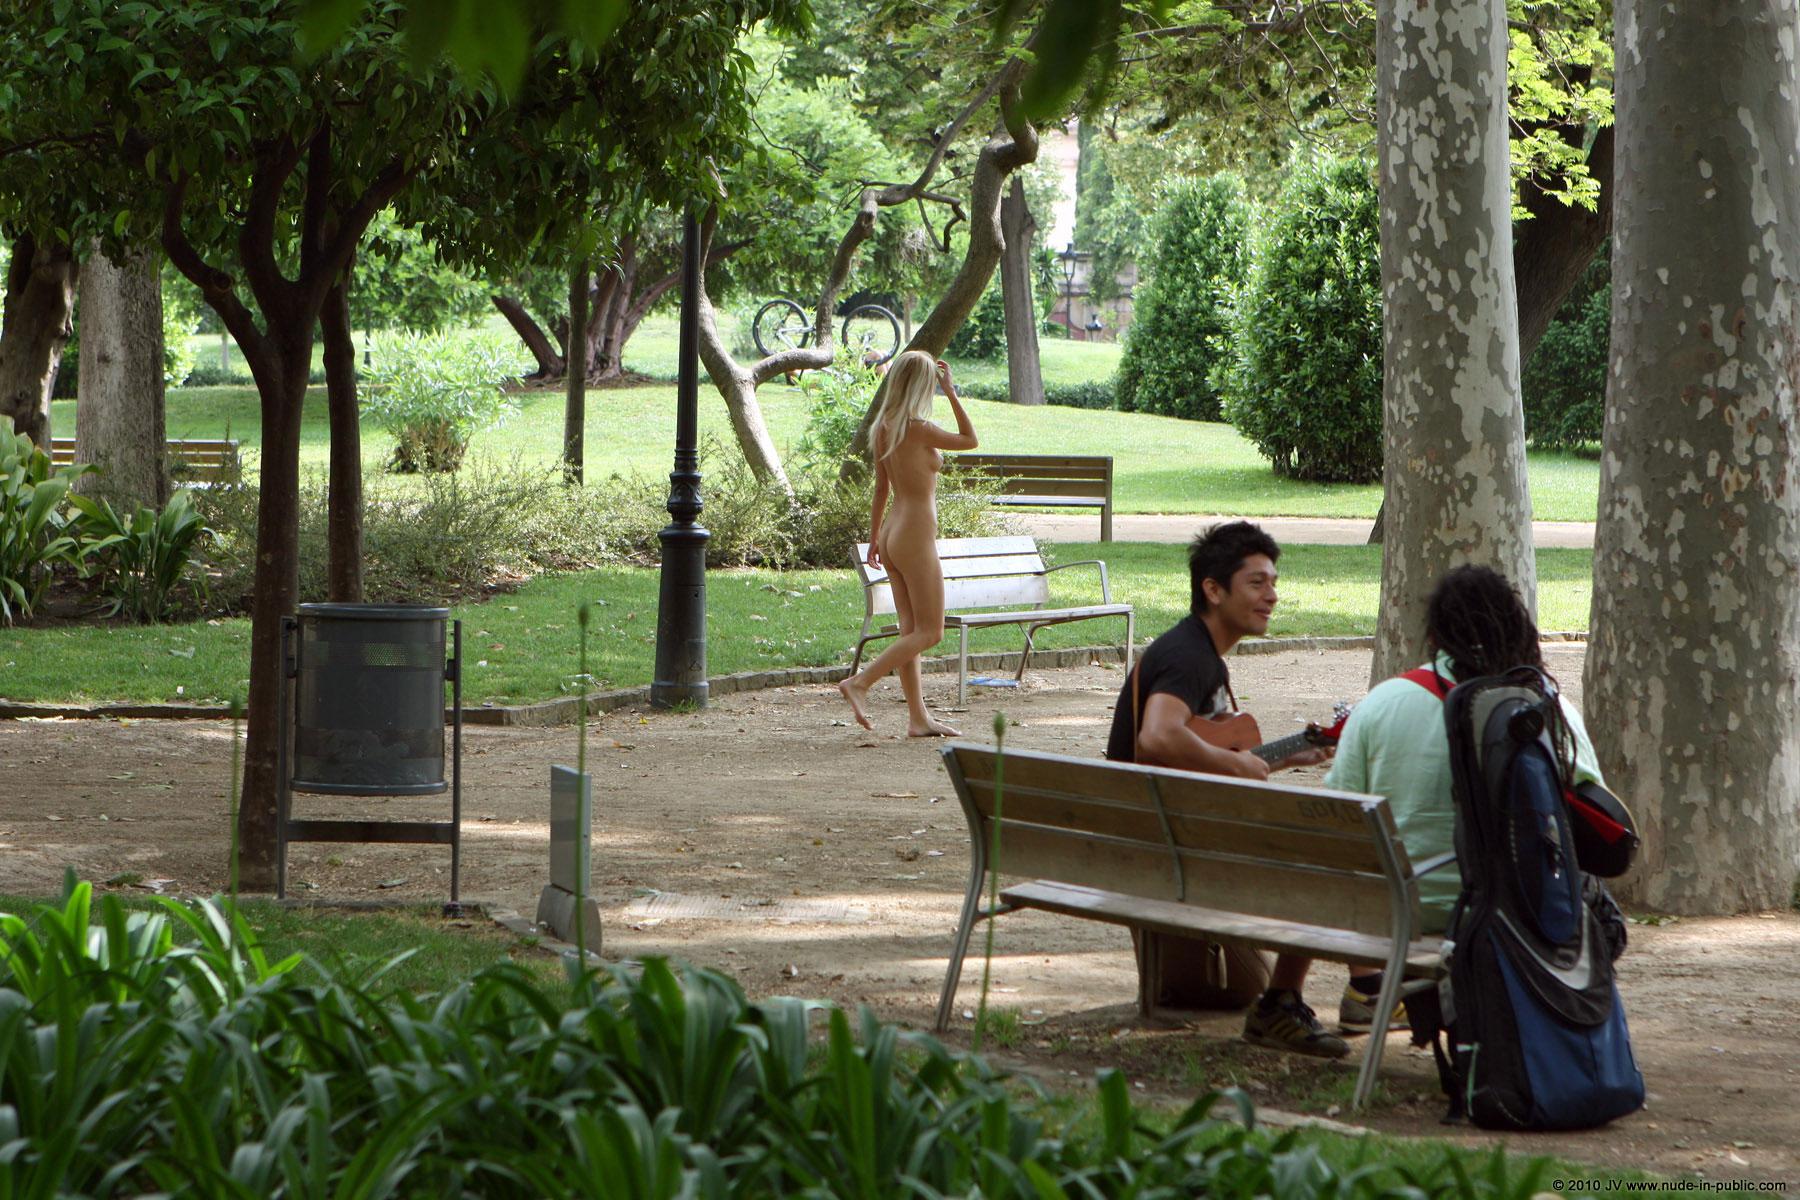 judita-blonde-naked-in-park-barcelona-public-07